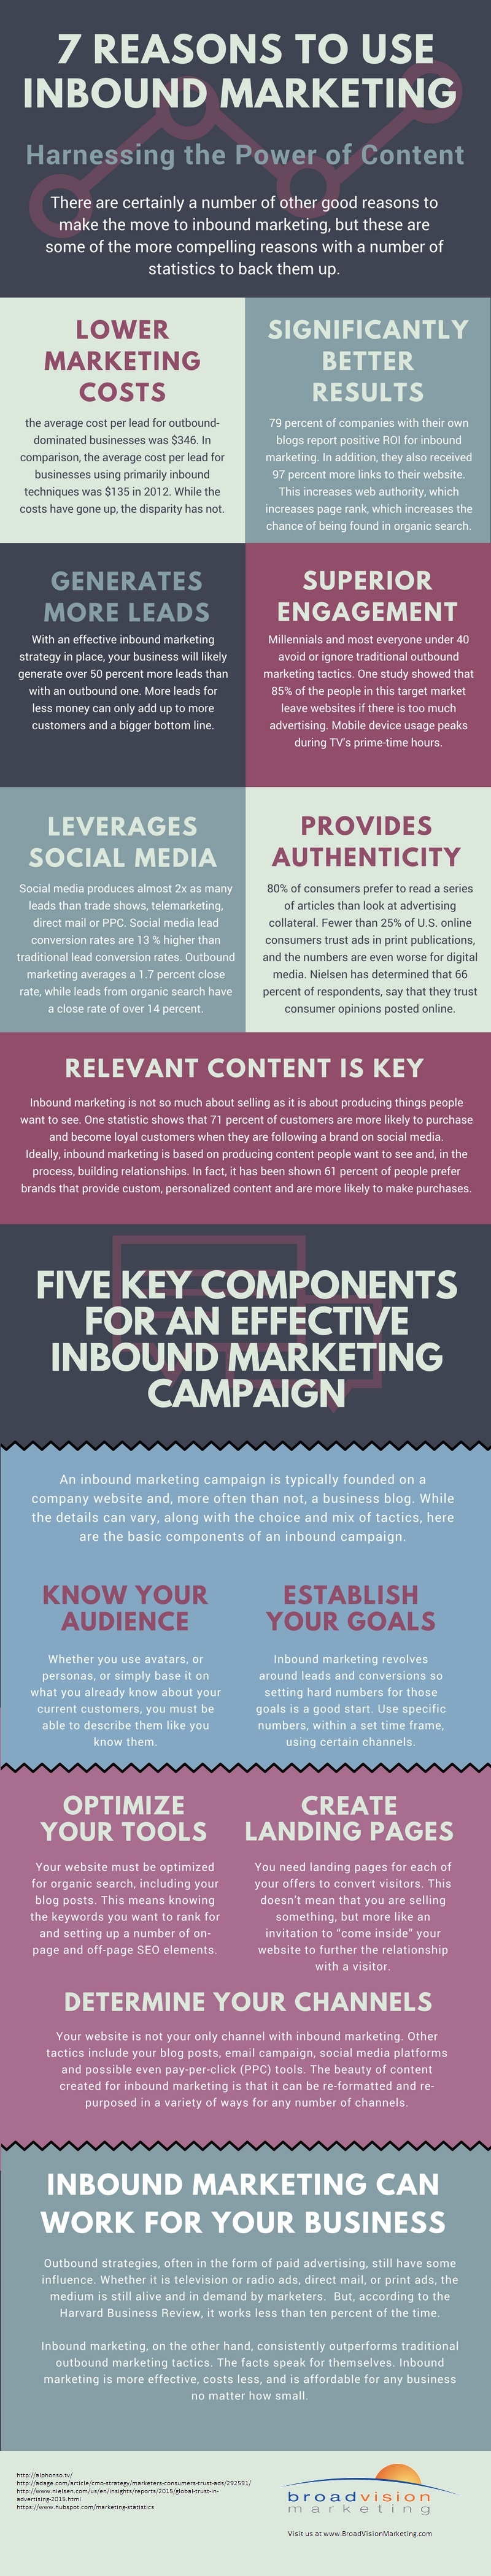 7-reasons-for-inbound-marketing.jpg